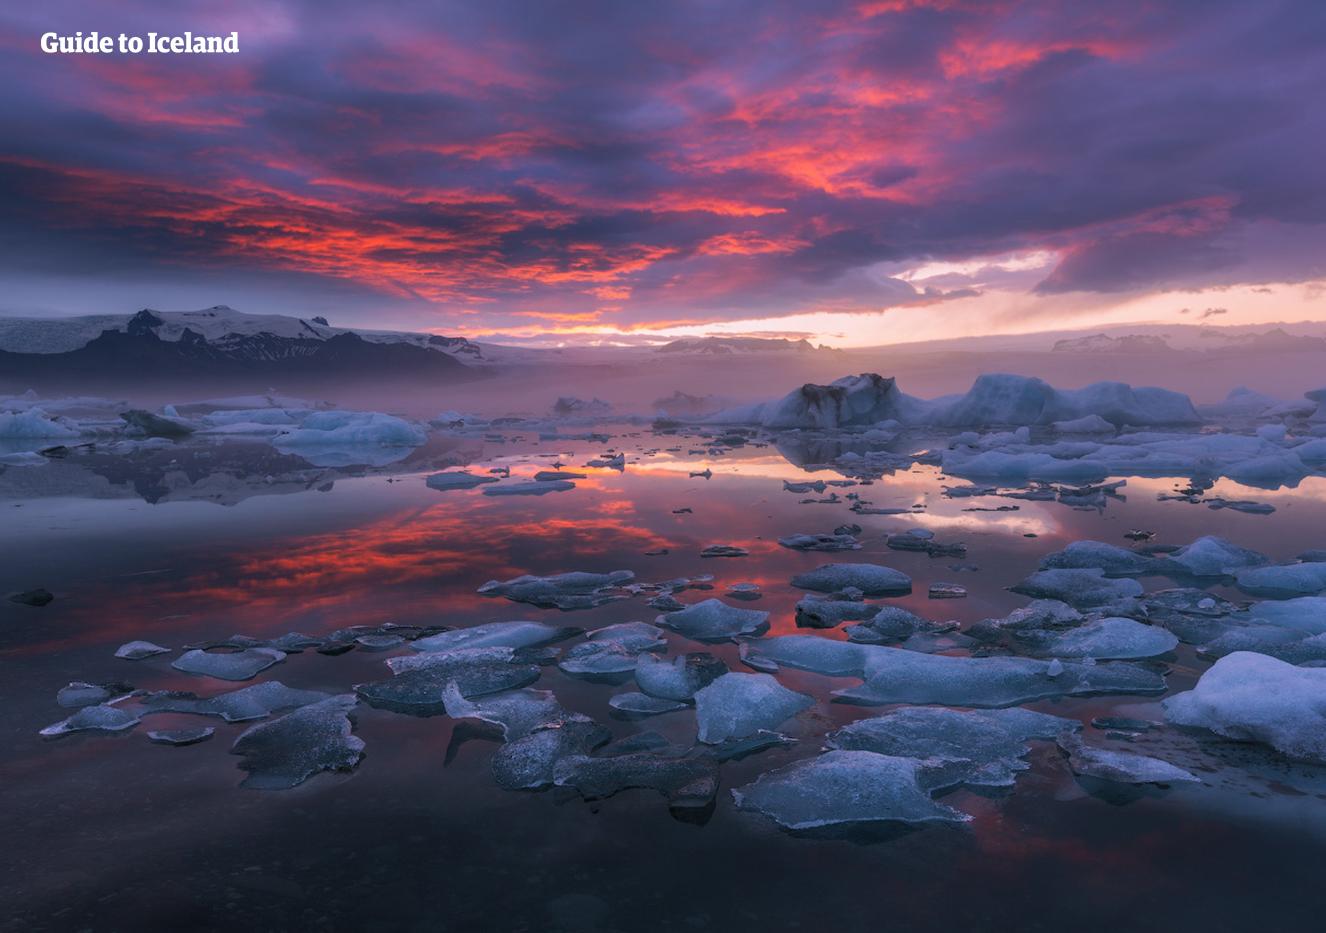 购买冰岛夏季自驾游行程亲眼见证杰古沙龙冰河湖(Jökulsárlón)动人的景色